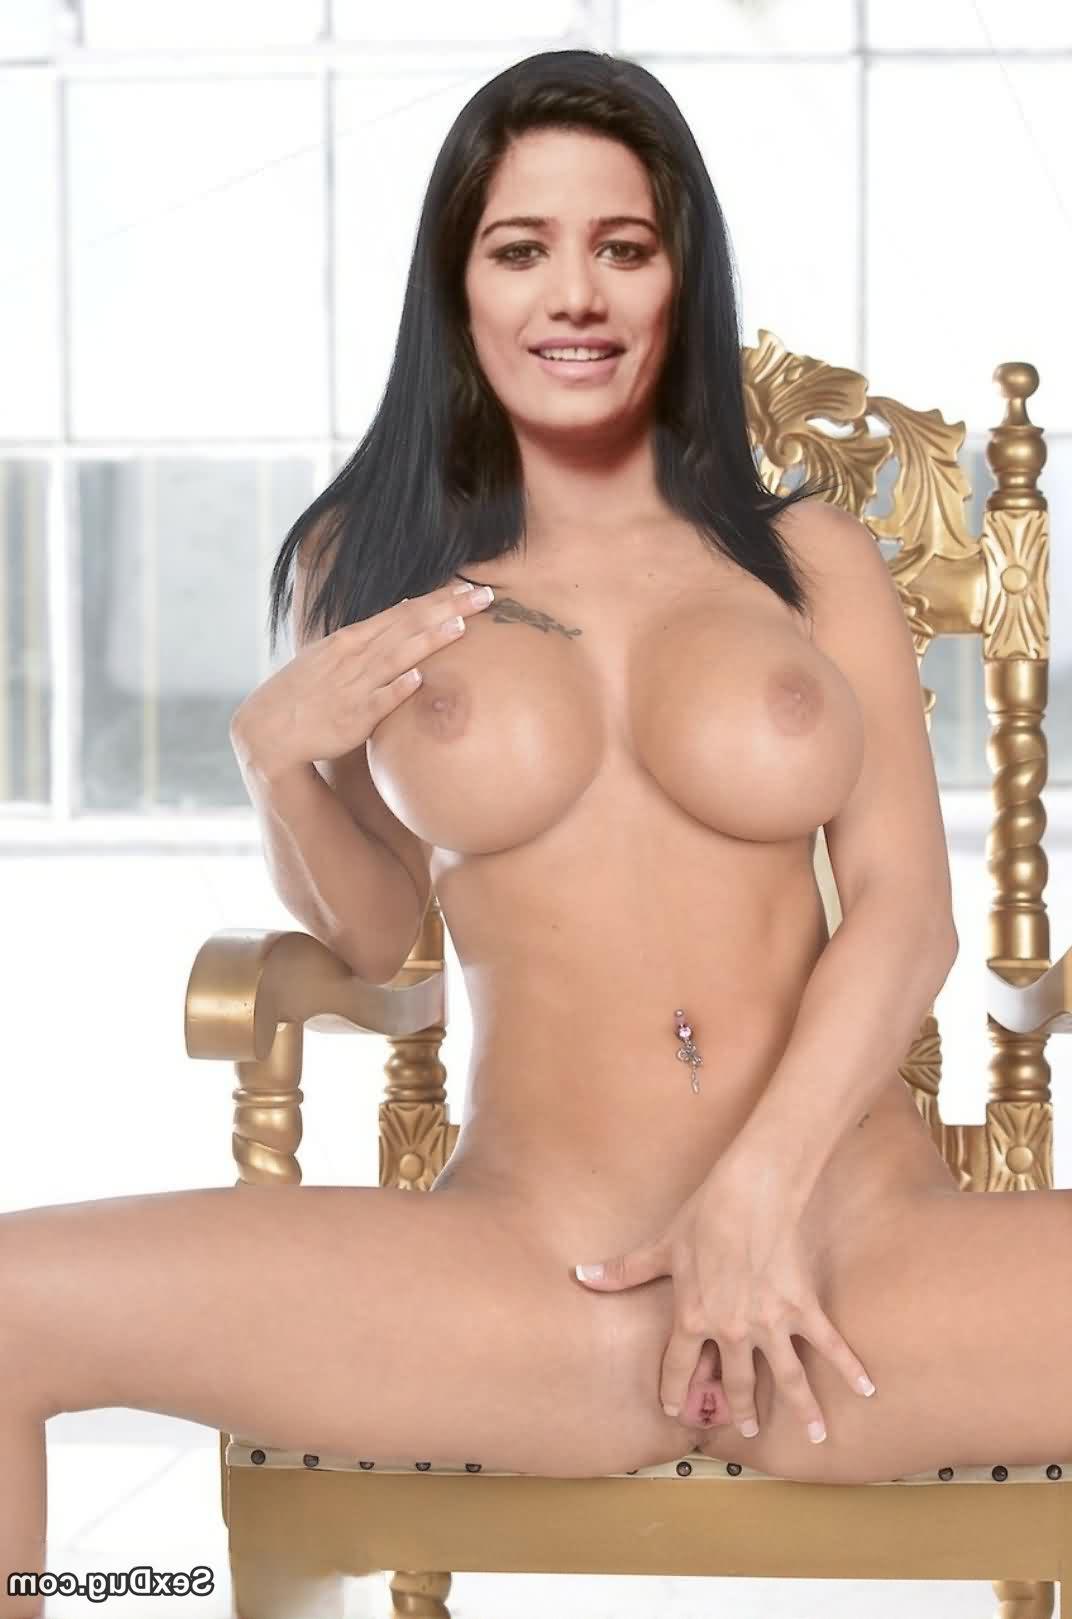 nude Poonam Pandey xxx 5 - Poonam Pandey Nude Hot Sexy Photos